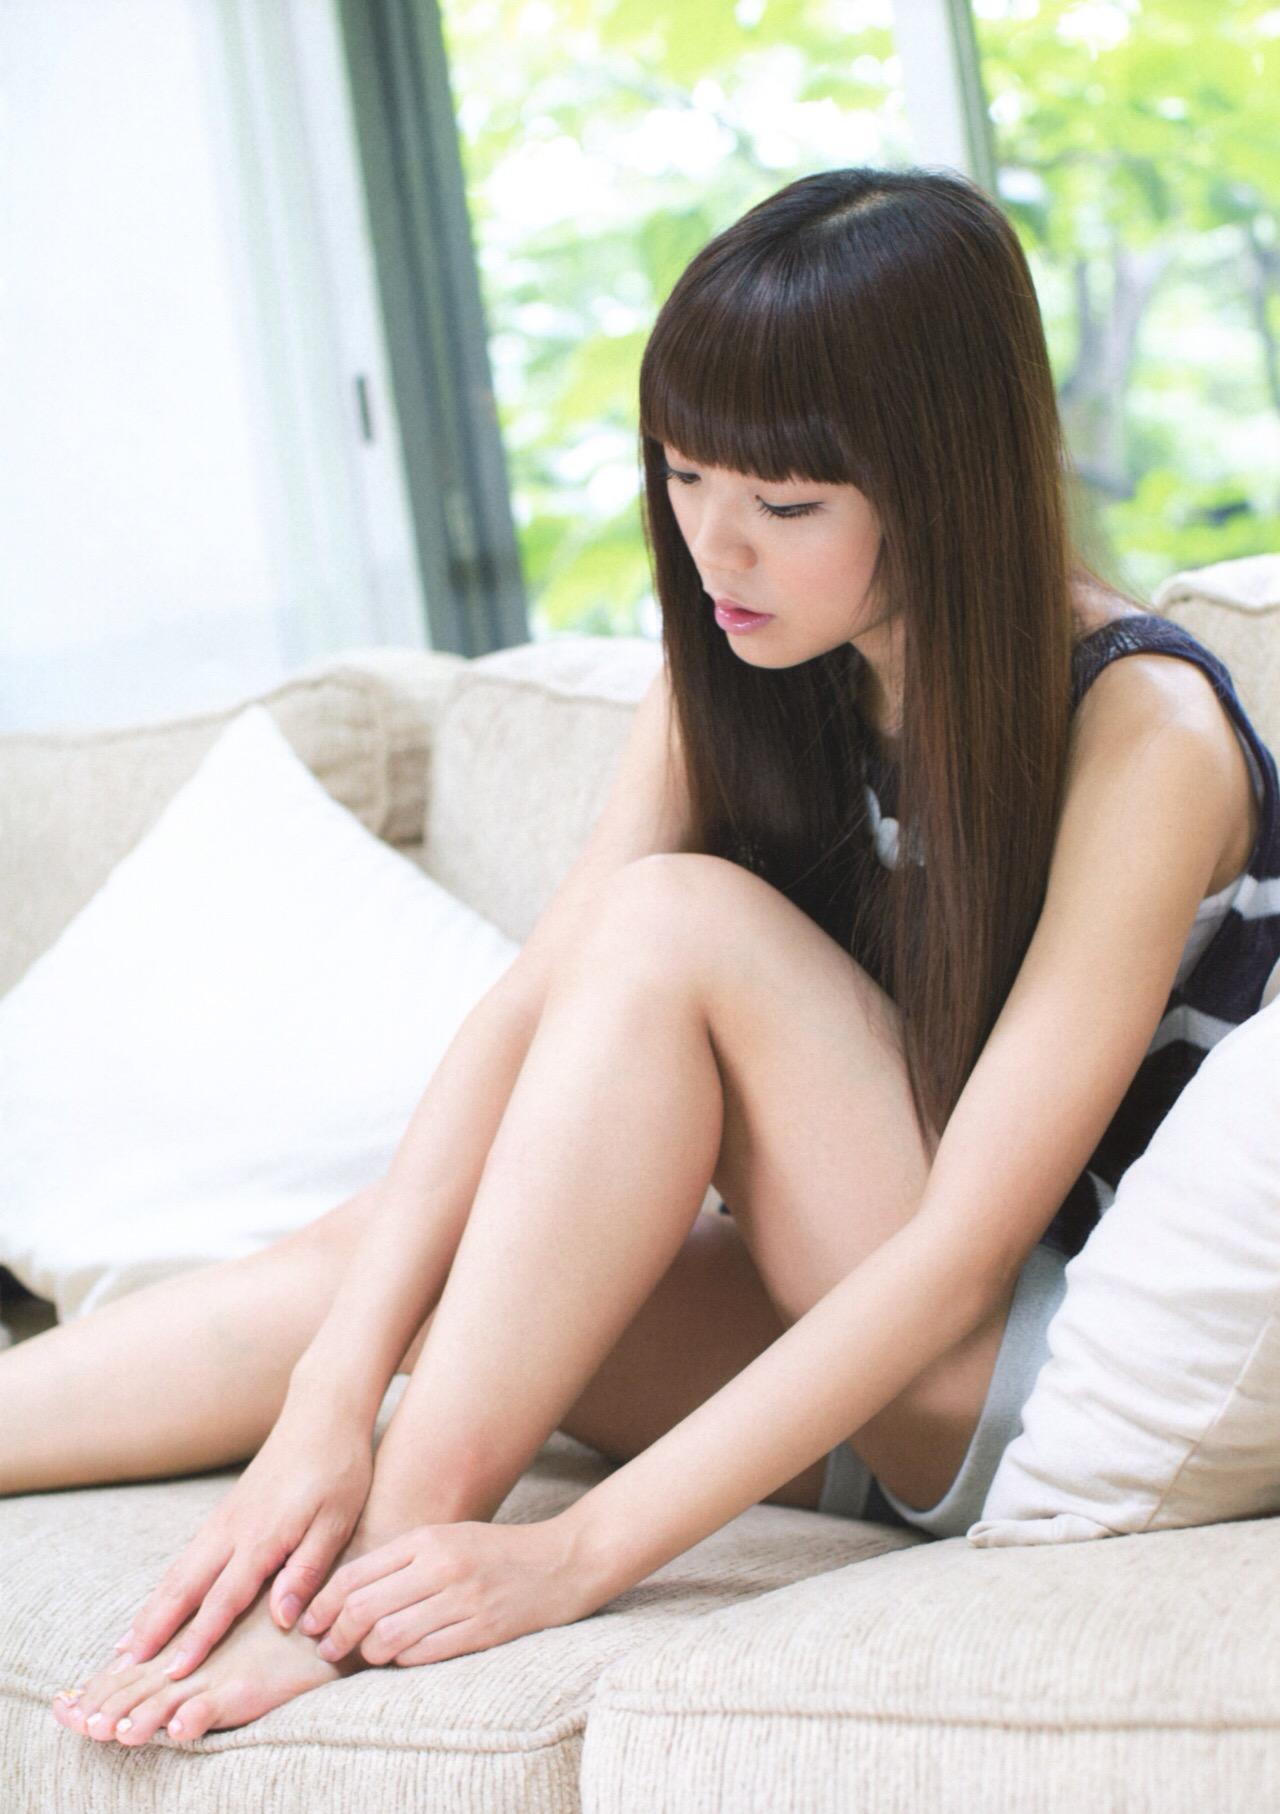 【声優お宝エロ画像】大人の女アピールの為wセクシーな体を魅せた女性声優たちwww 03